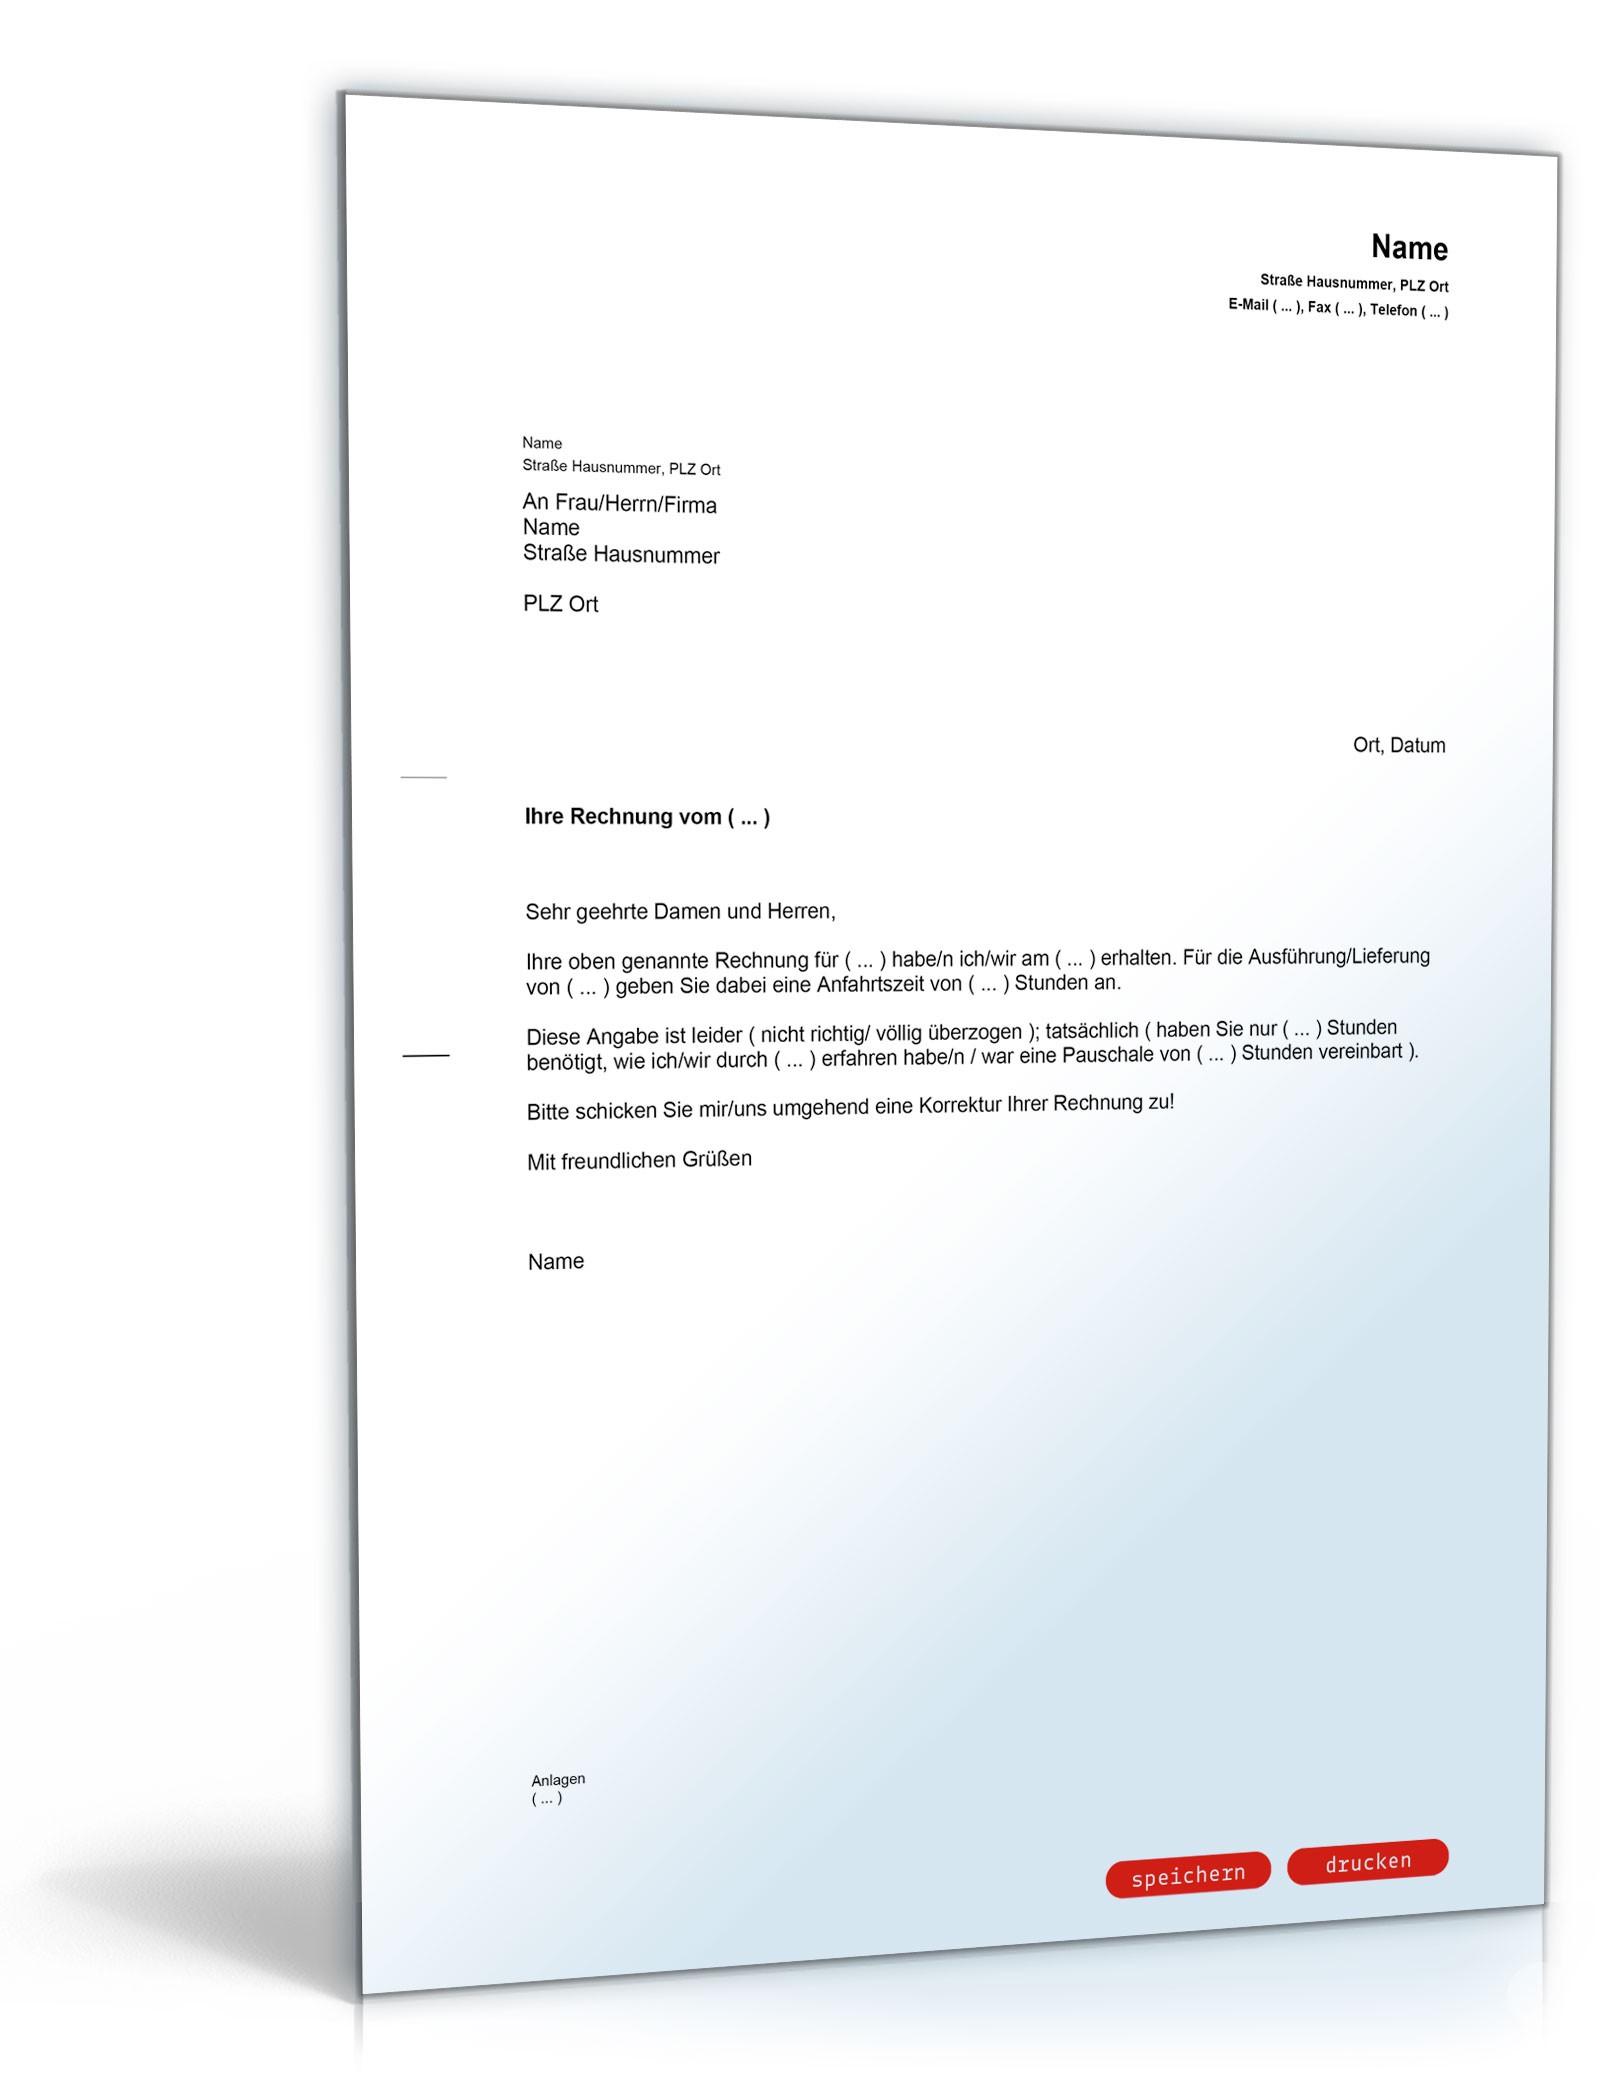 Musterbriefe Rechnungen : Zurückweisung rechnung überhöhte fahrtkosten muster